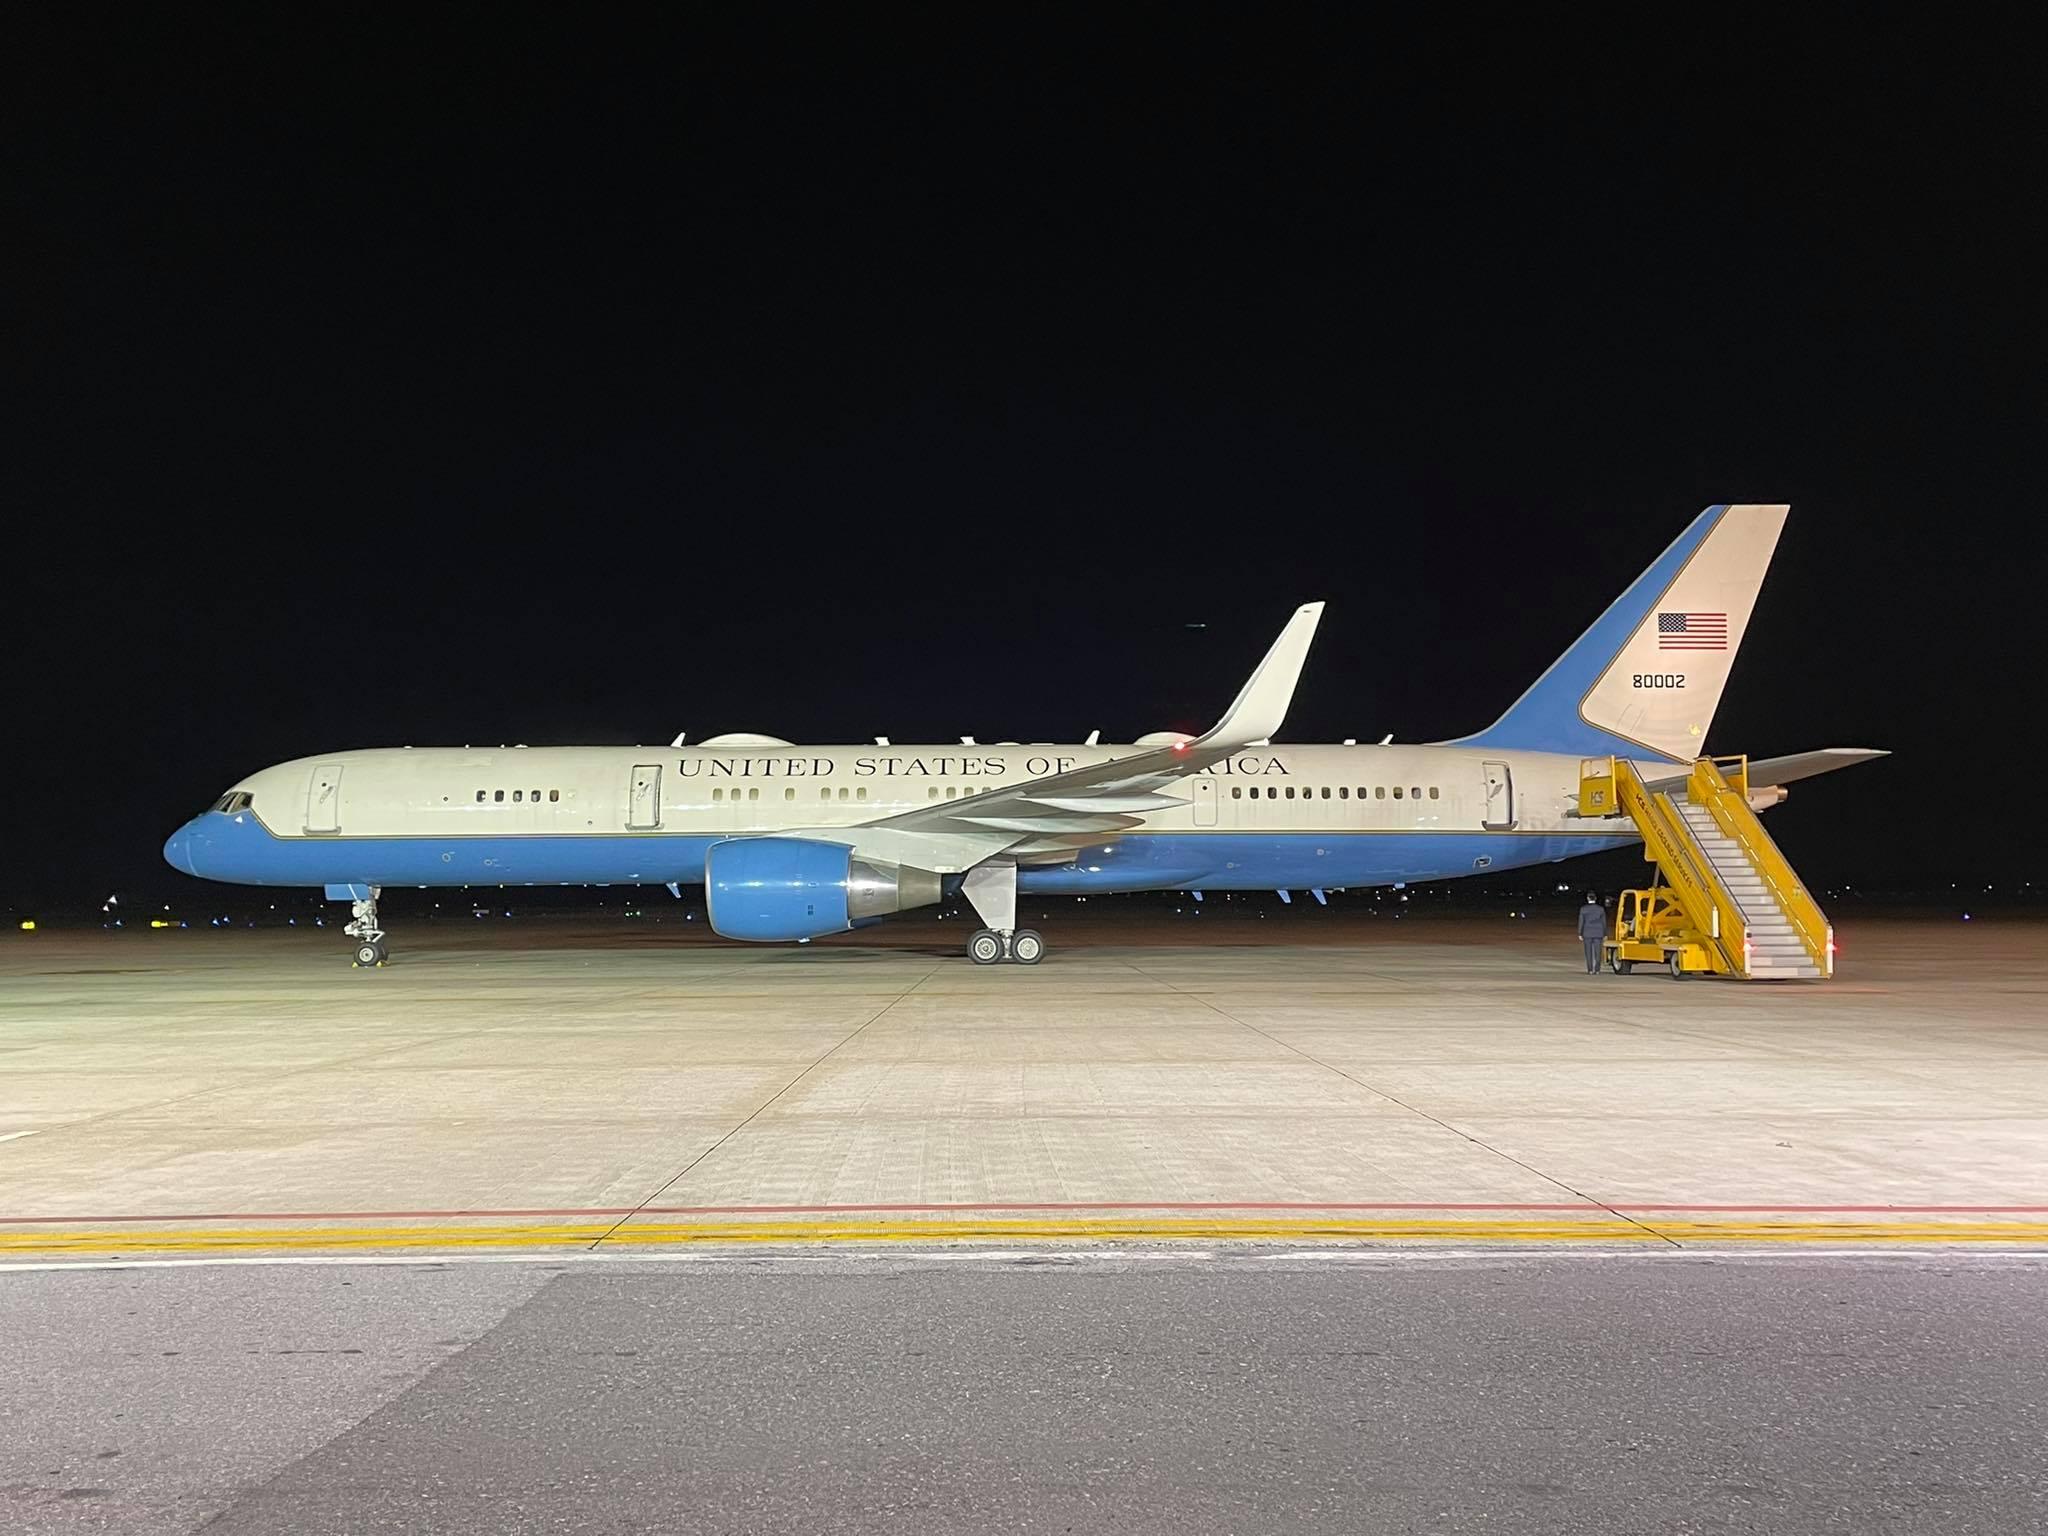 Chuyên cơ Không lực Hai tại sân bay Nội Bài tối 24/8. Ảnh: Giang Huy.